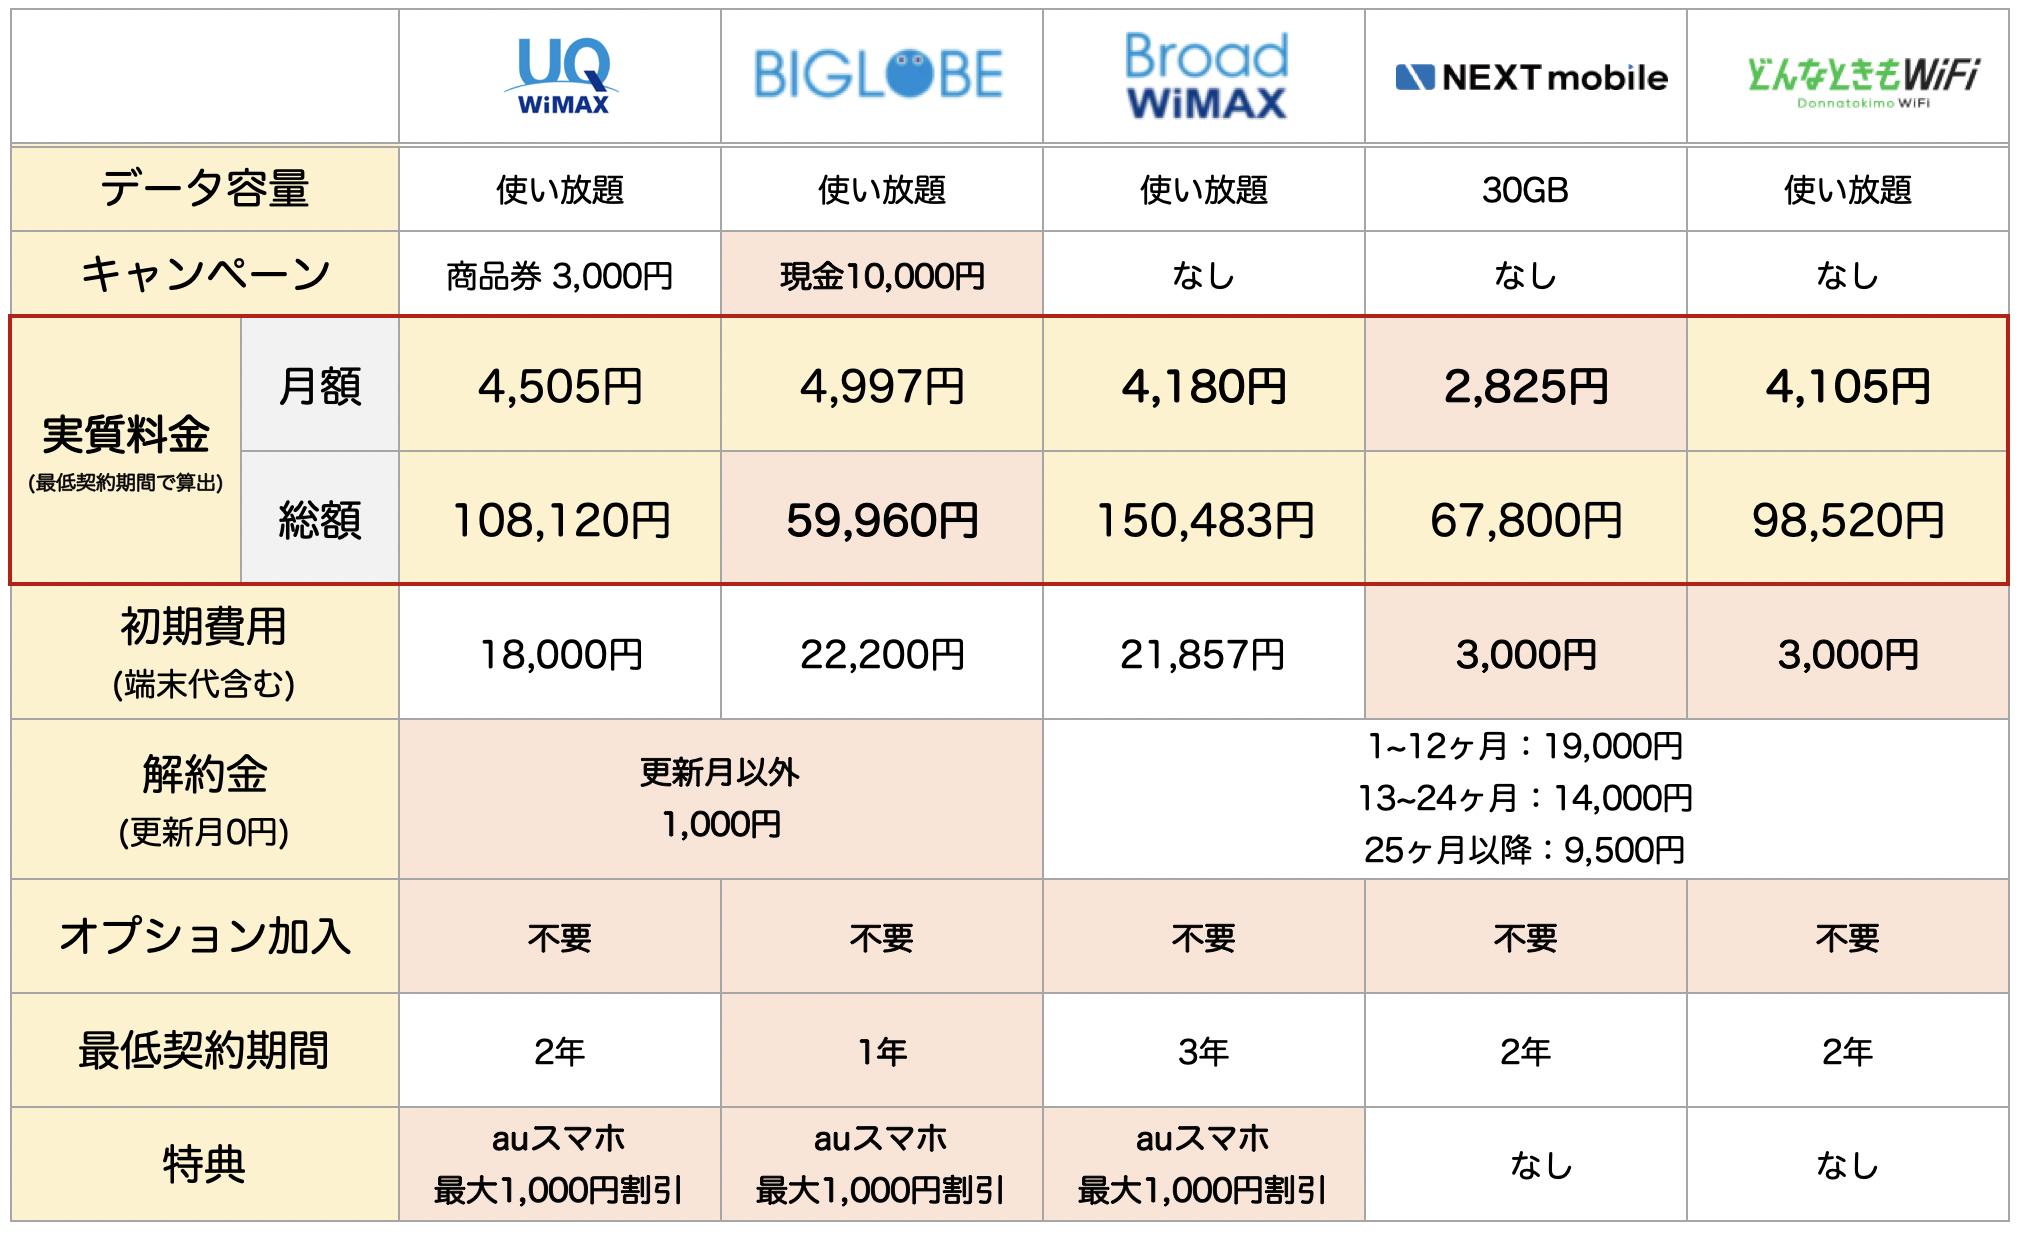 (優秀な5社のみ)口座振替ポケットWiFiの総合比較表